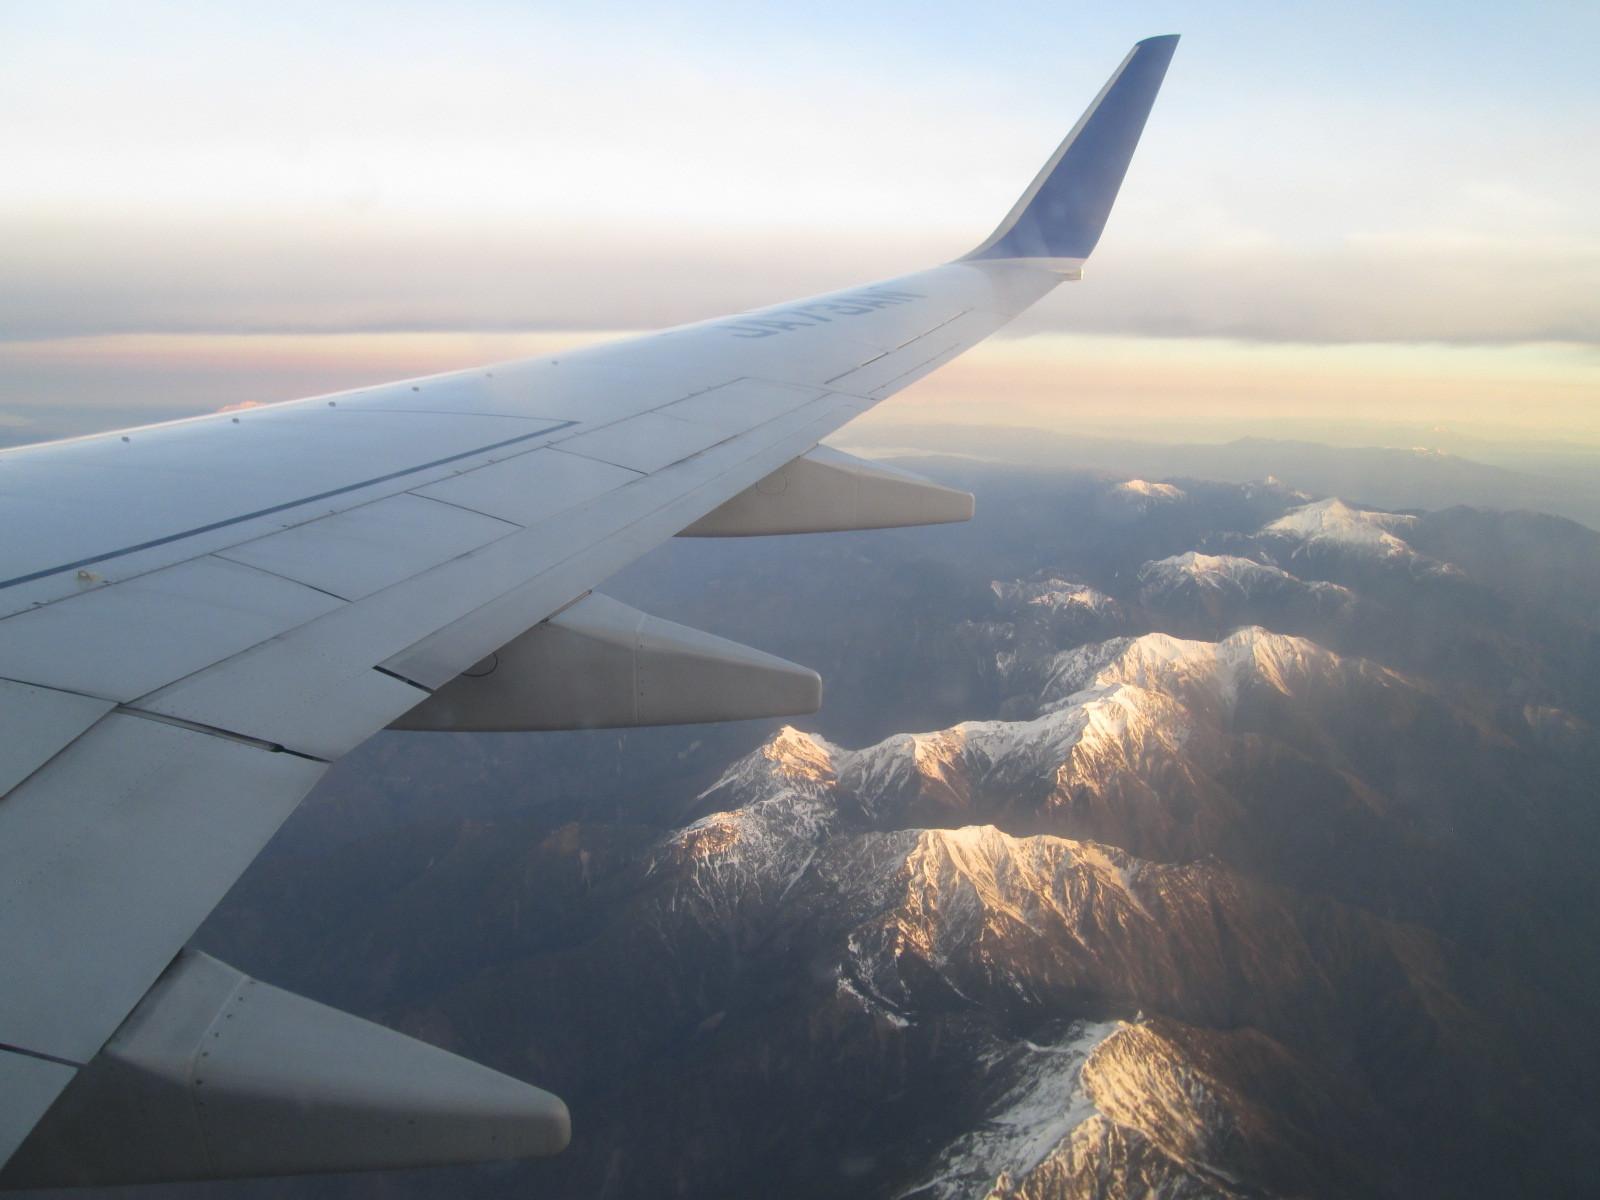 早朝、空からの眺め - 神戸旅行 その2 _a0057402_22501765.jpg